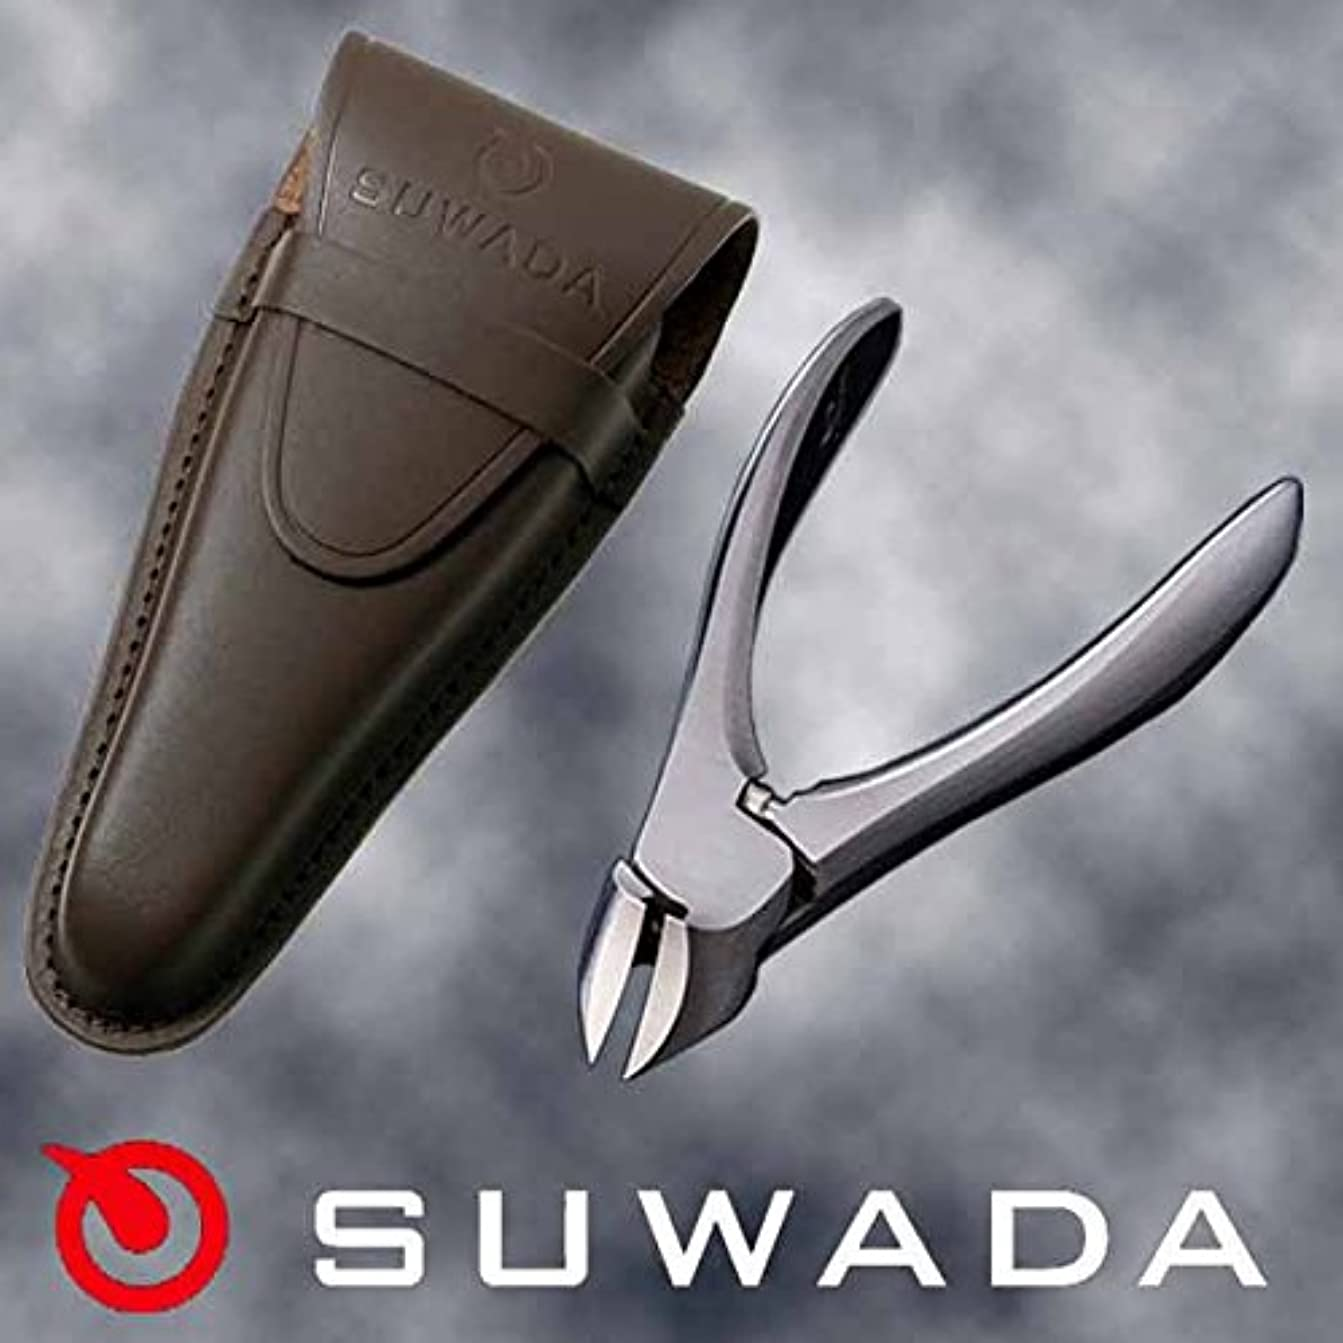 スカリー通りフェデレーションSUWADA爪切りクラシックL&ブラウン(茶)革ケースセット 特注モデル 諏訪田製作所製 スワダの爪切り